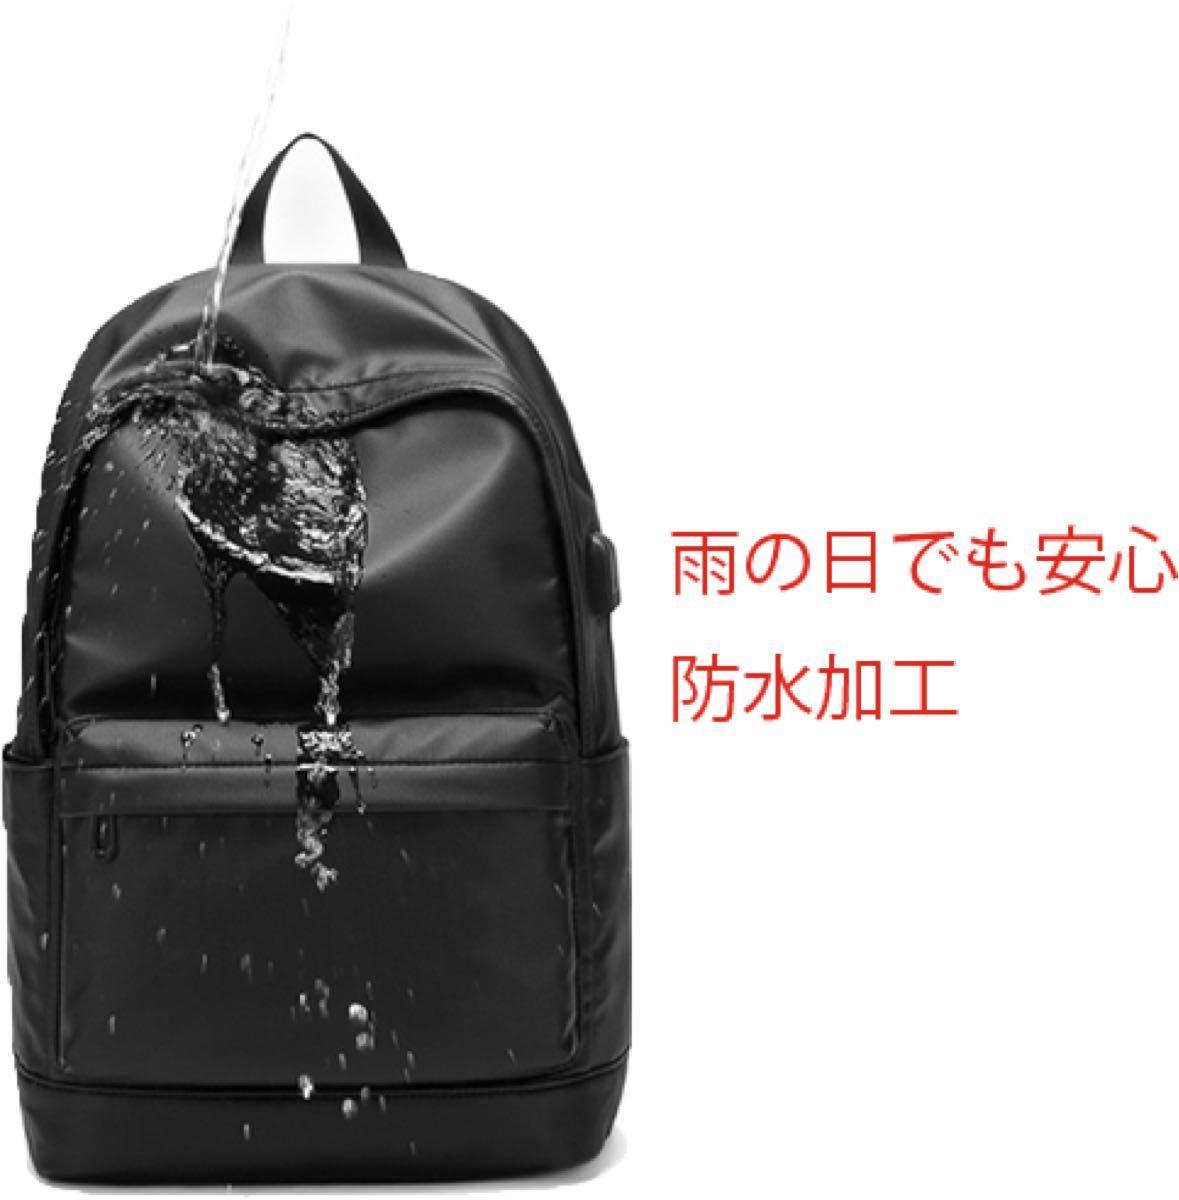 新品☆リュック  大容量 男女兼用 バックパック 防水 USB付き 黒 軽量 マザーズリュック  リュックサック